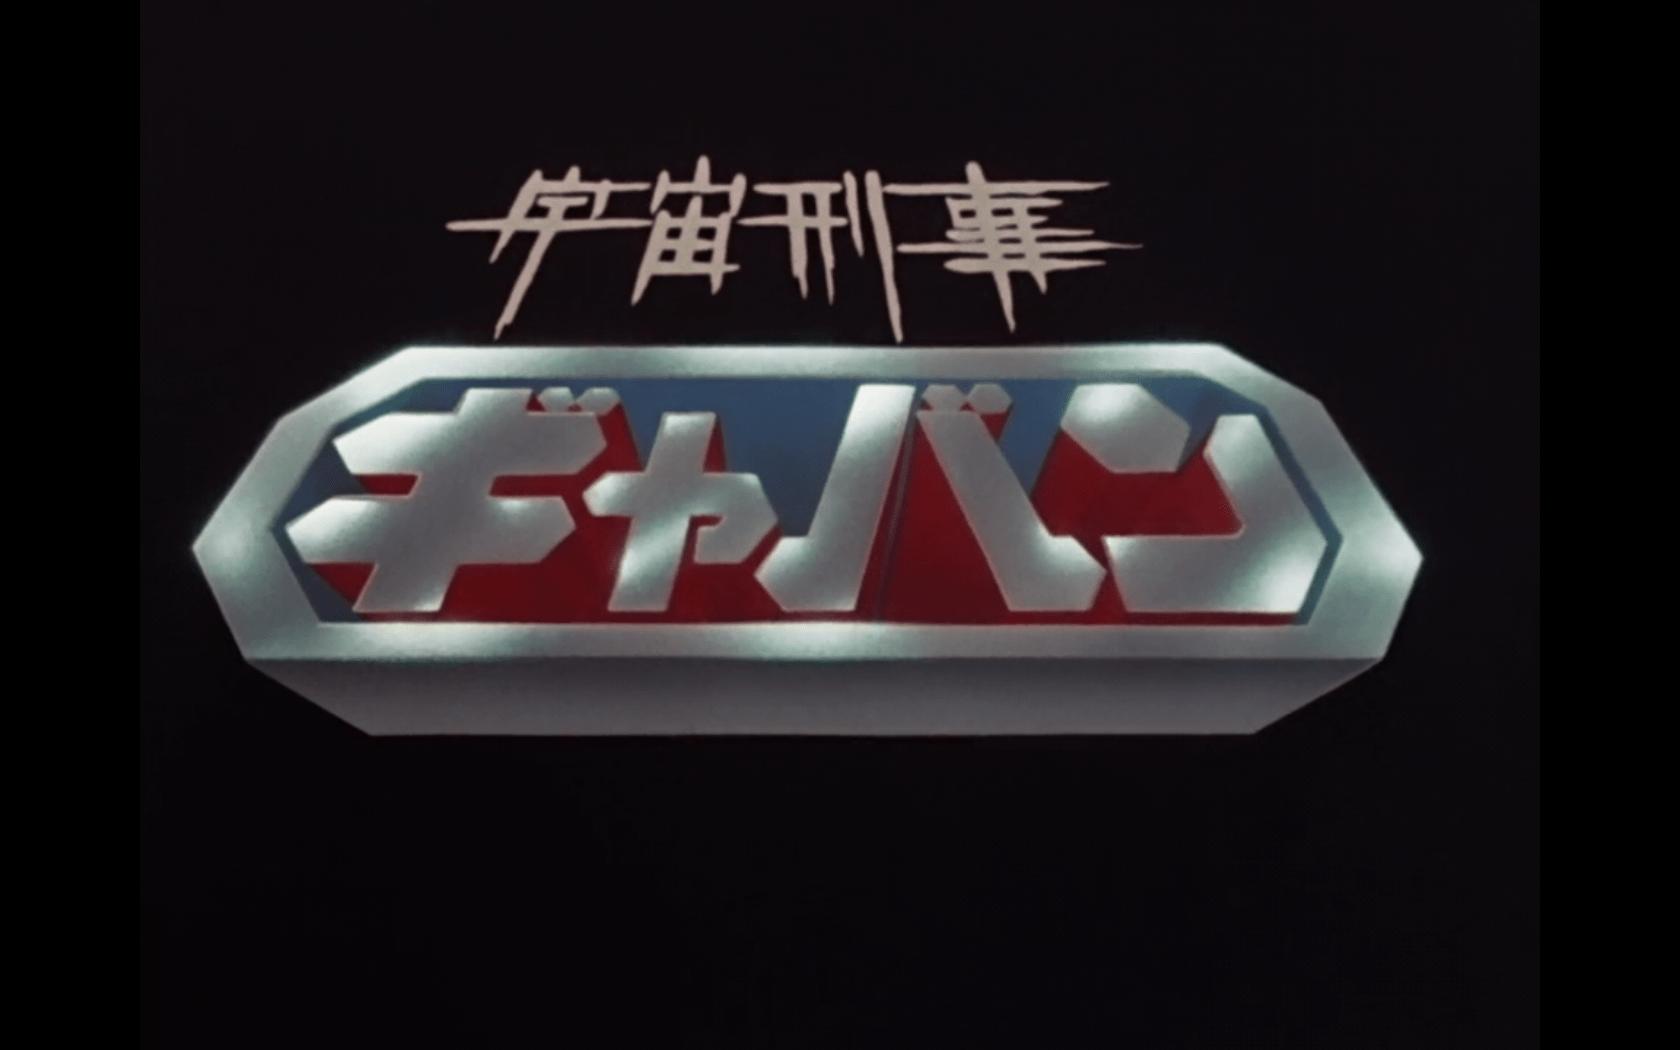 Uchuu Keiji Gavan 2